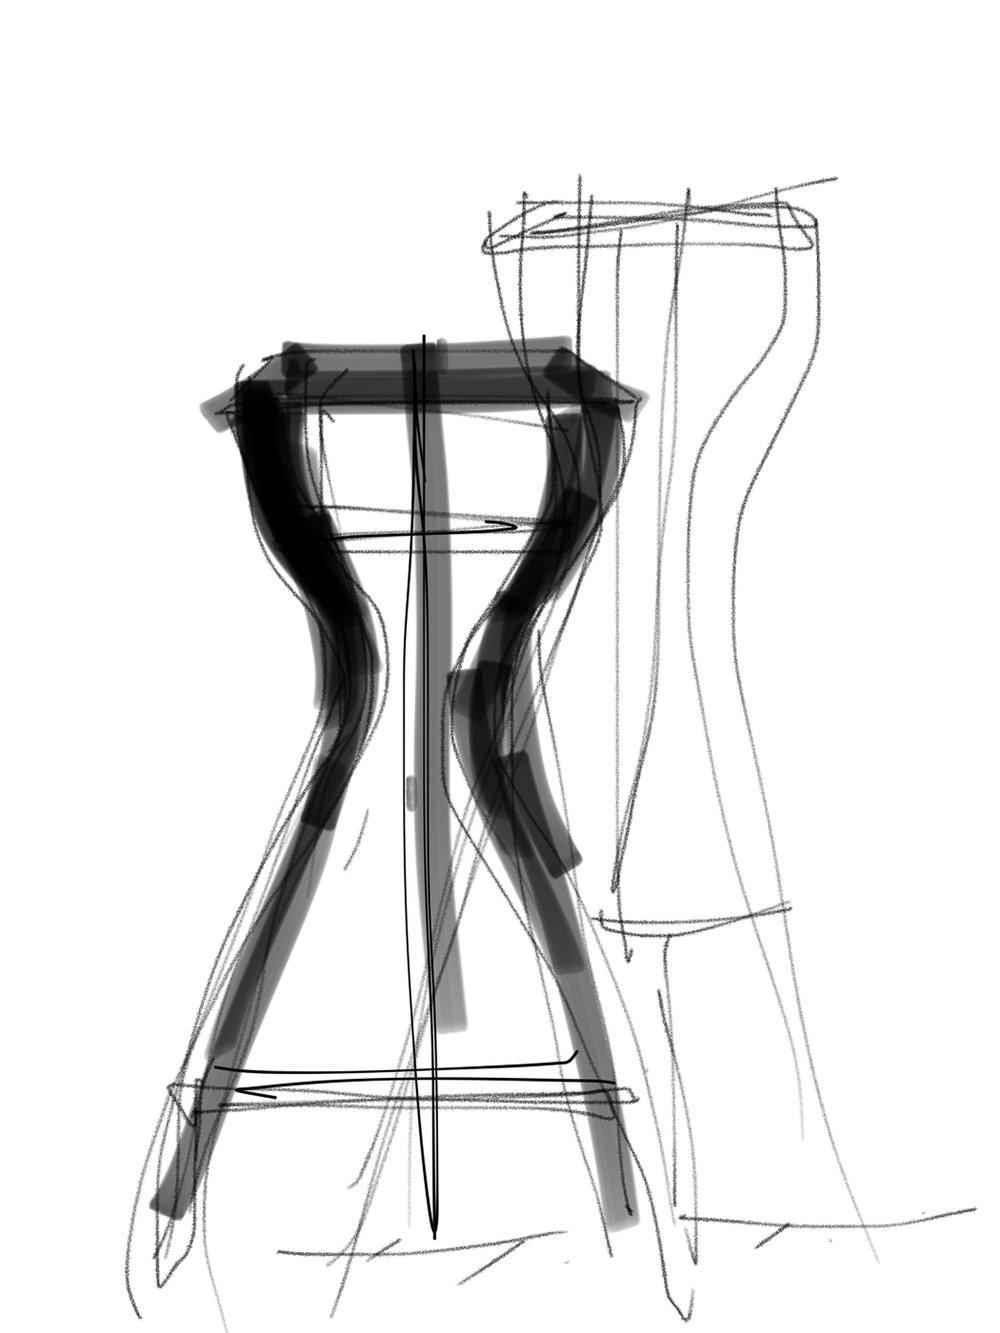 Sketch-512.jpg